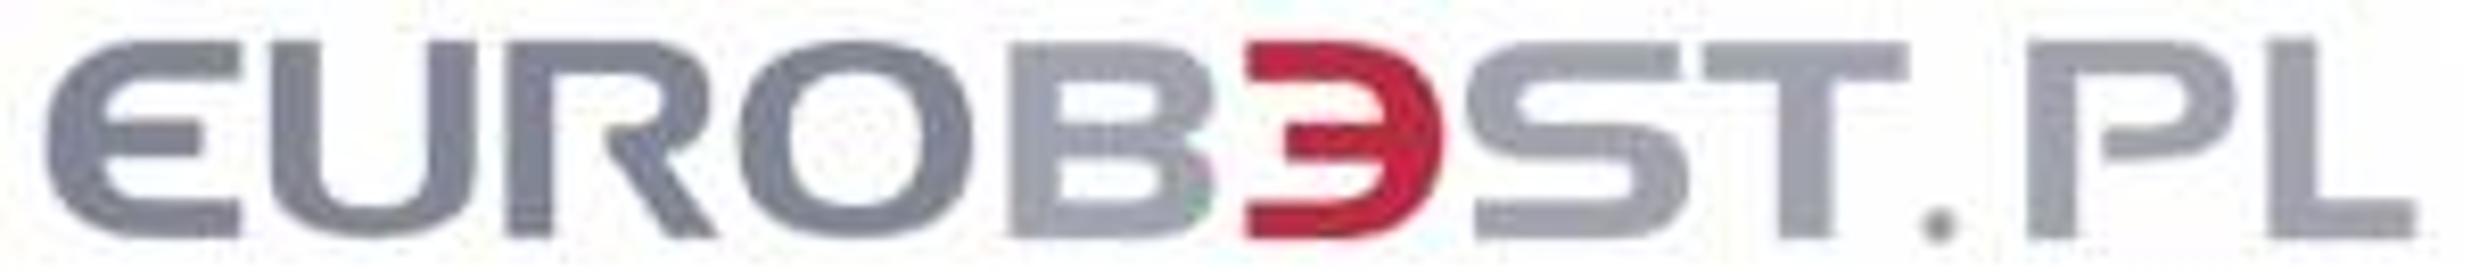 Eurobest.pl - Projektowanie Logotypów Łódź